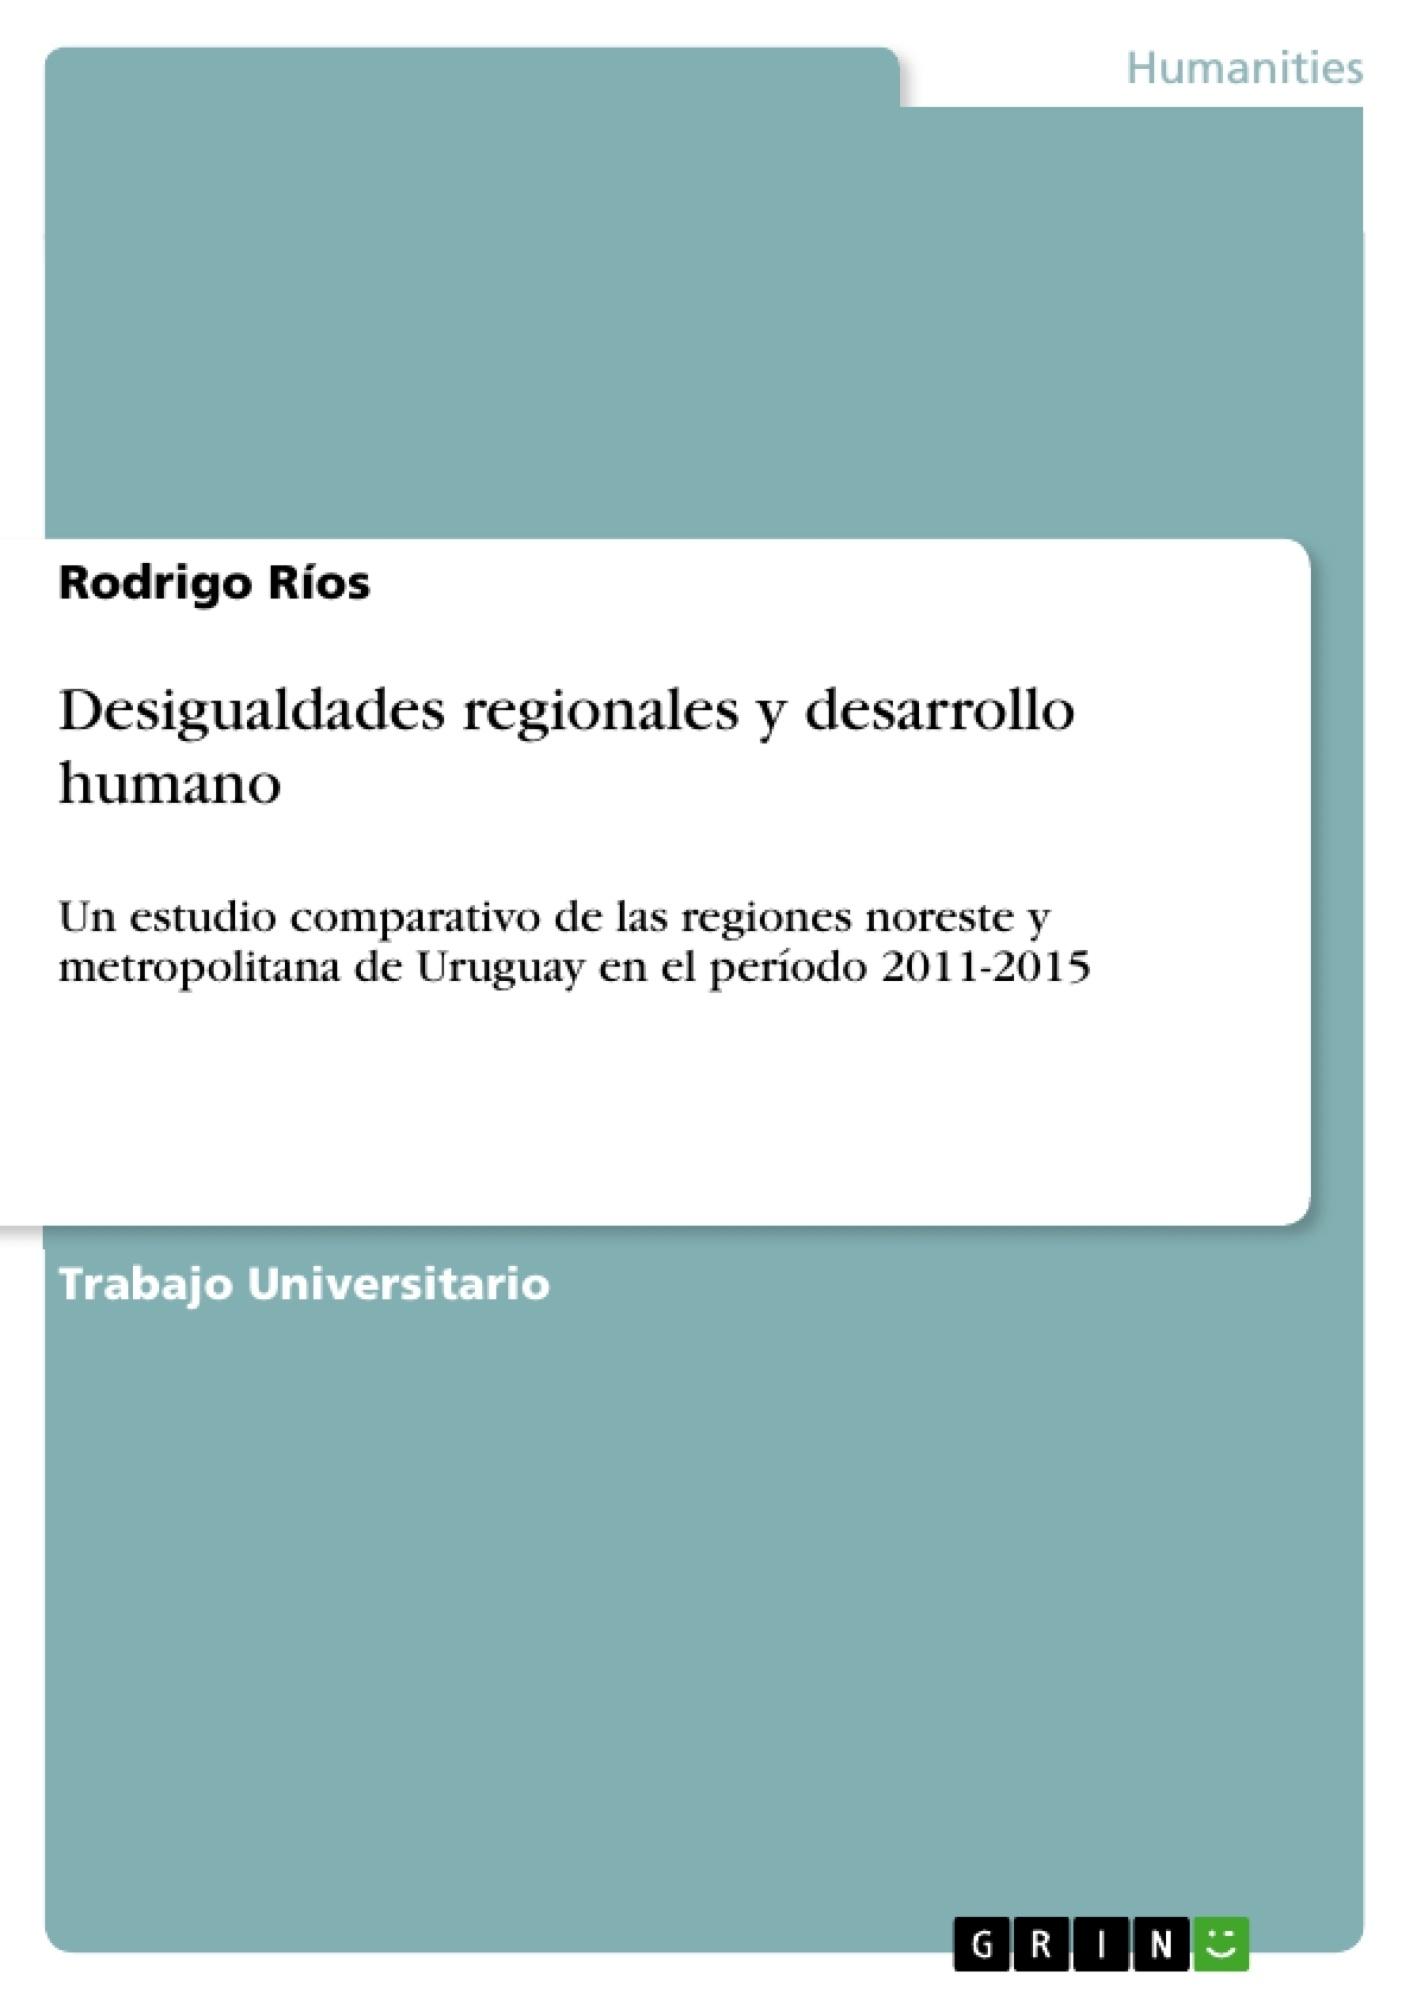 Título: Desigualdades regionales y desarrollo humano